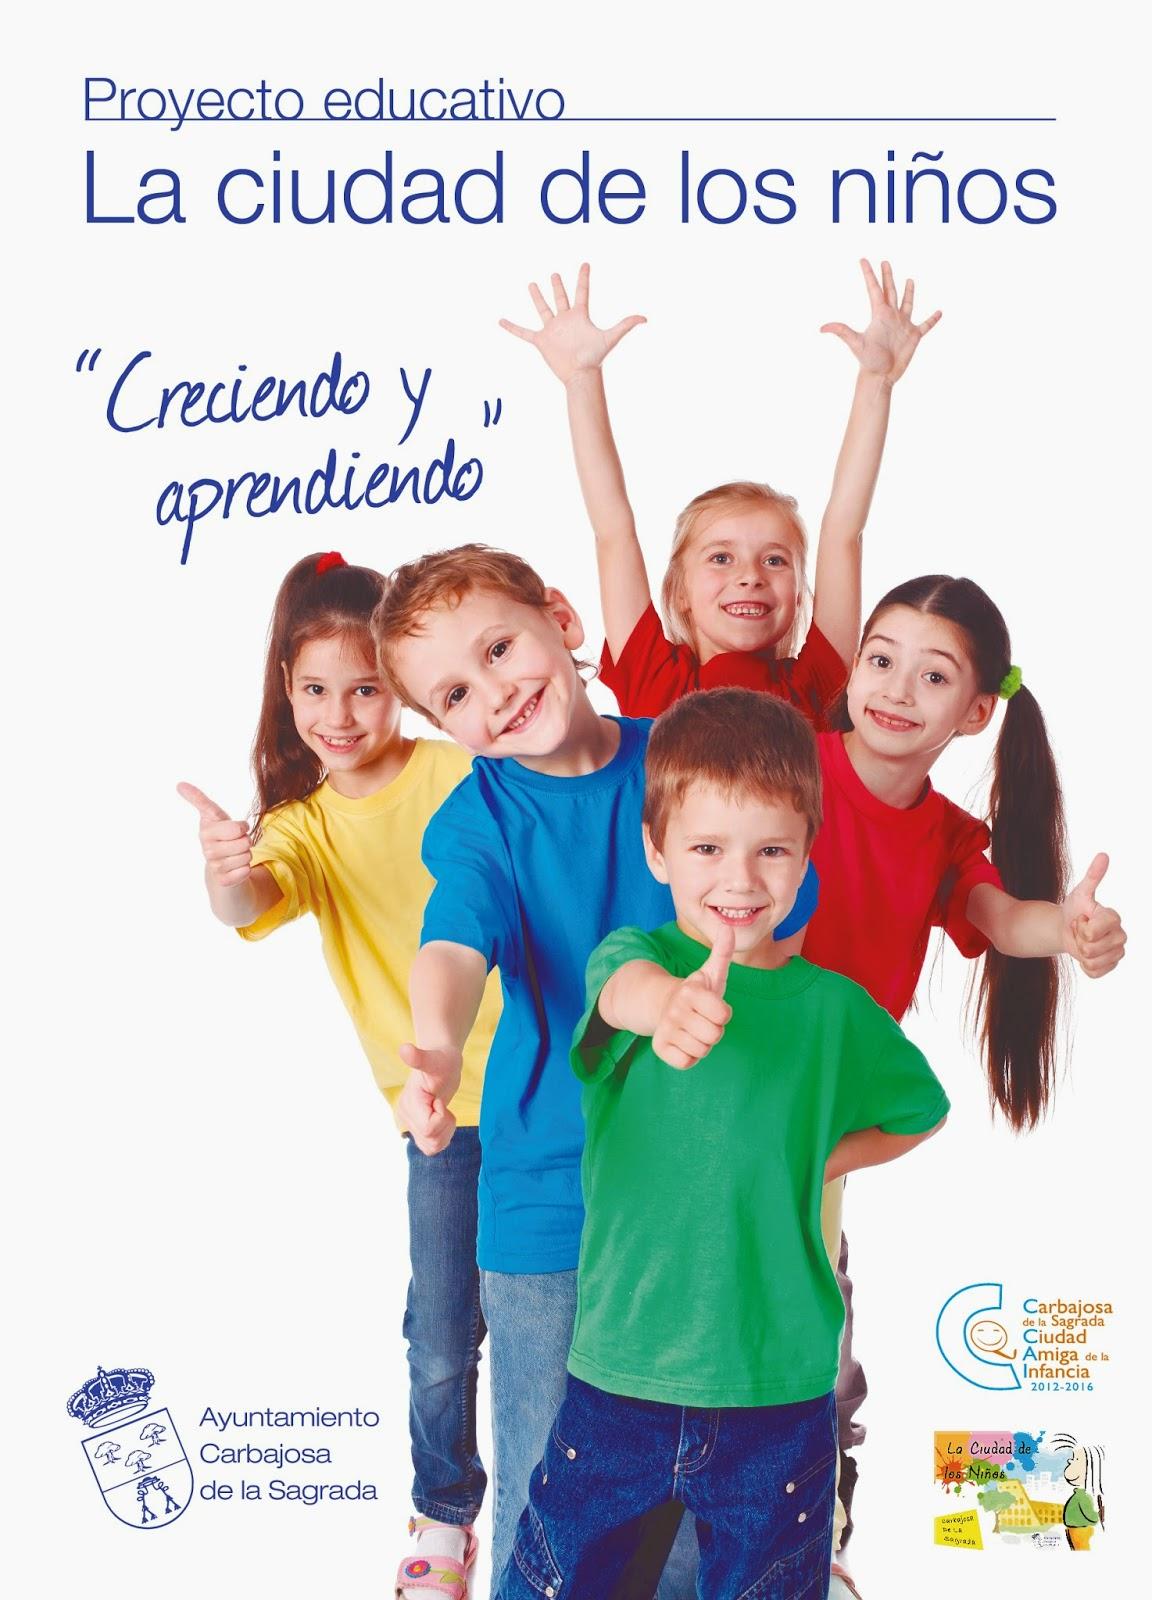 Carbajosa: Primera Jornada Provincial de Educación, Participación y Derechos de la Infancia 28 de octubre 2014